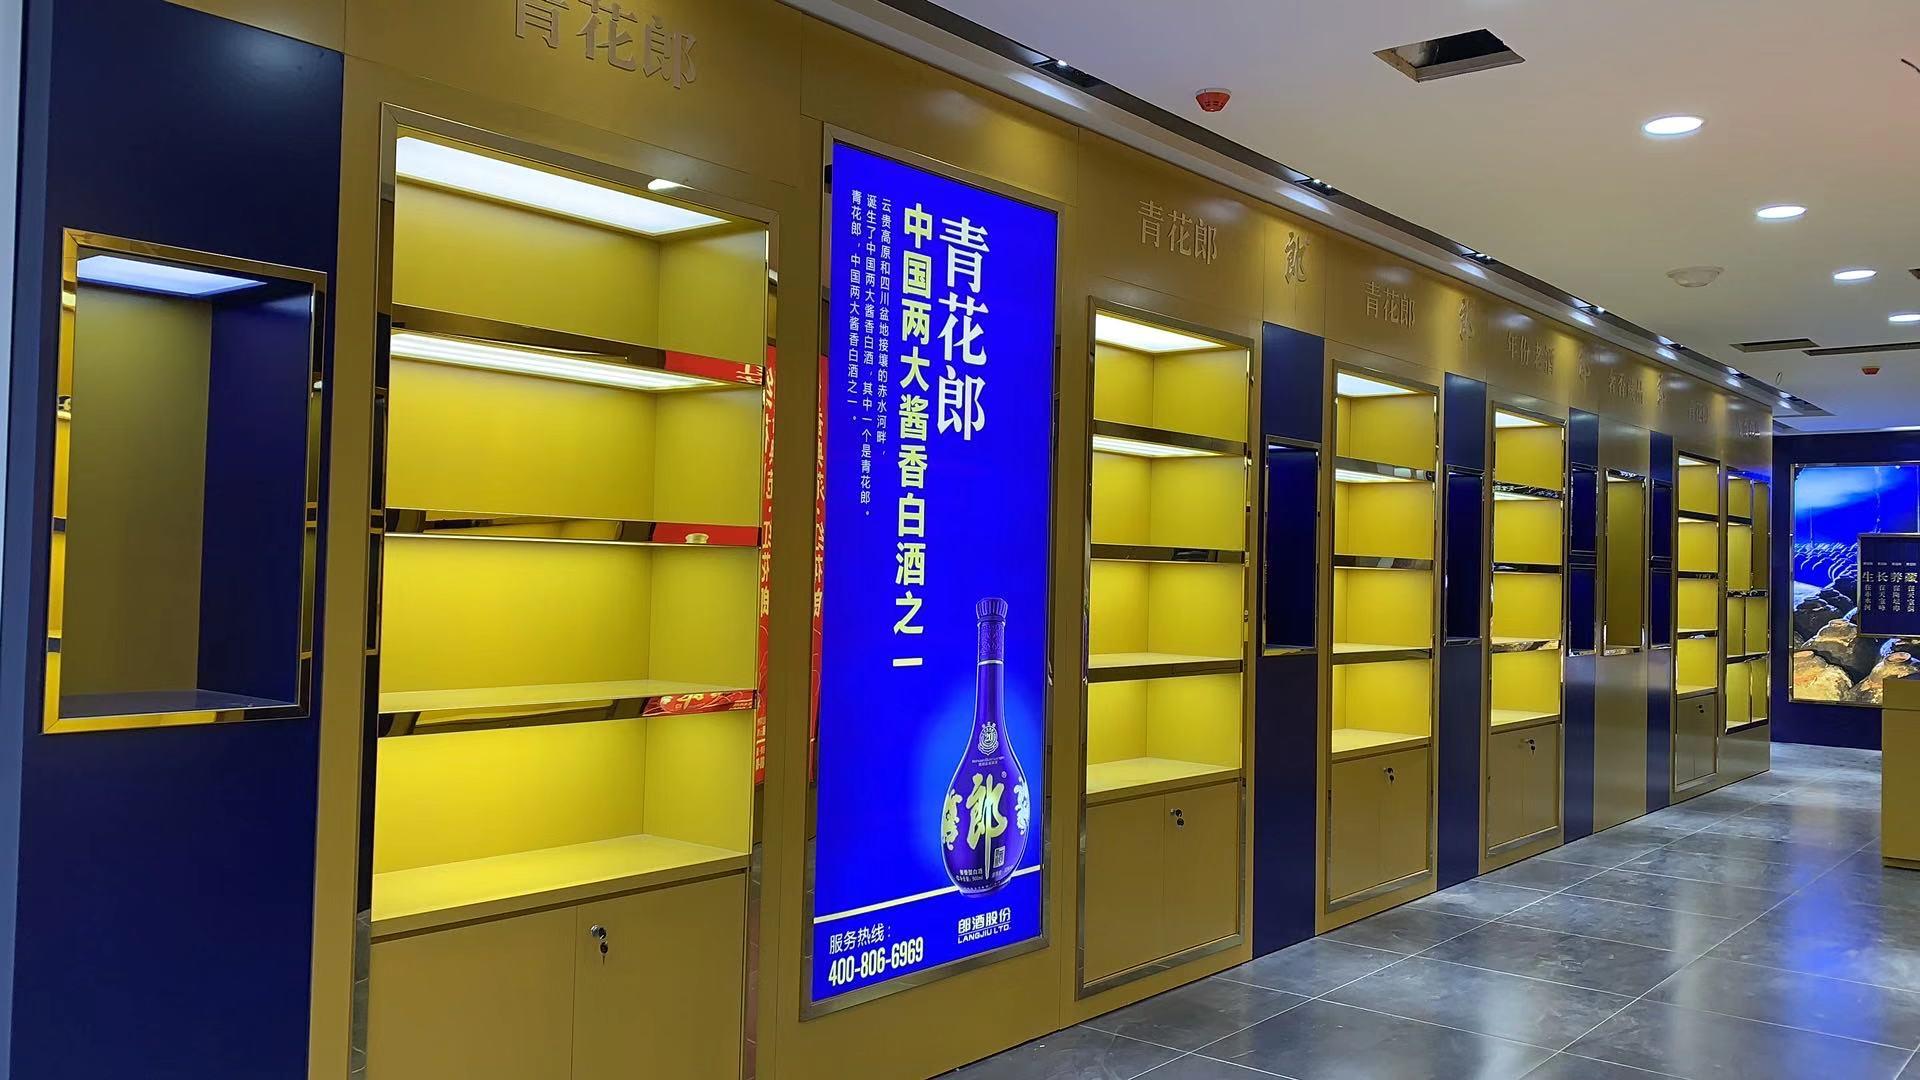 陕西烟柜酒柜厂家定制 超市烟酒展柜